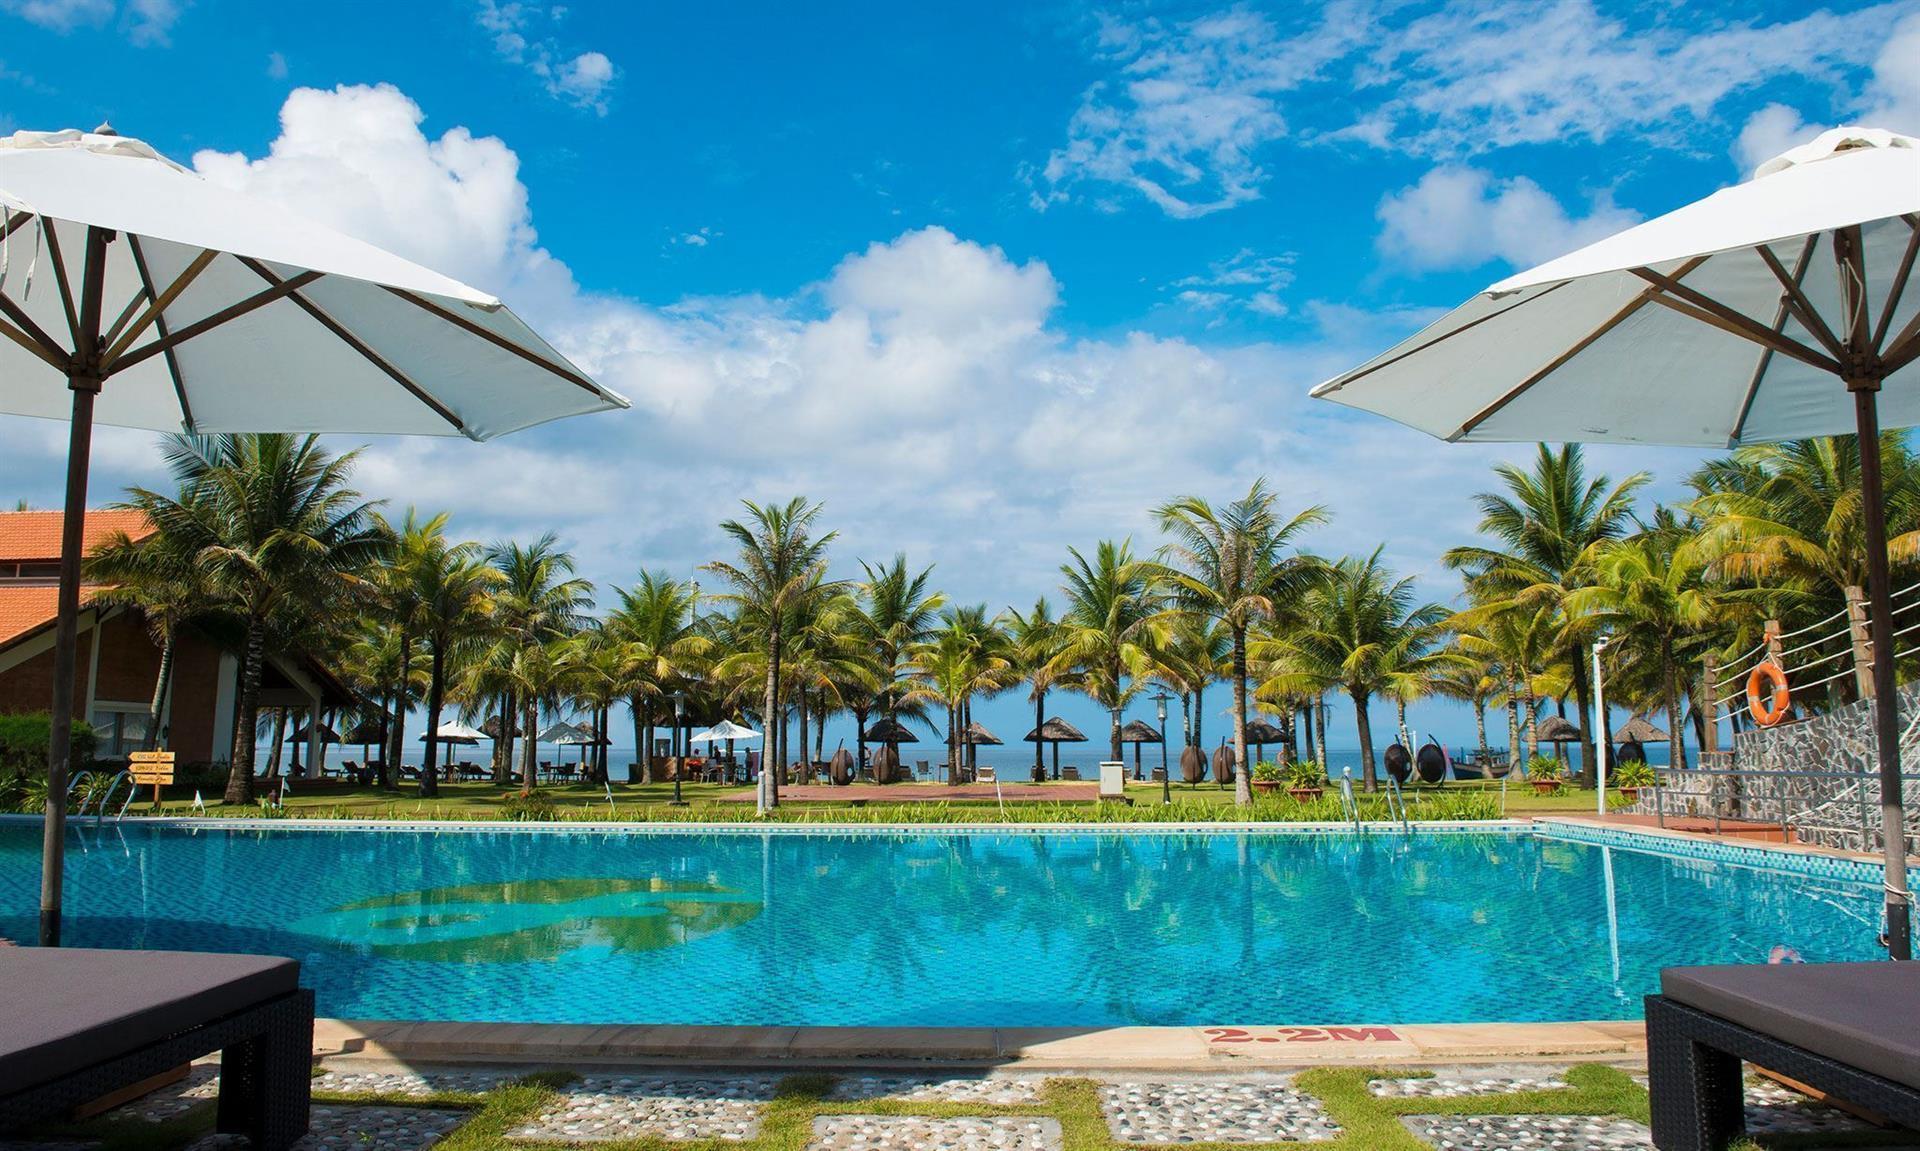 Лучшие отели Фукуока во Вьетнаме